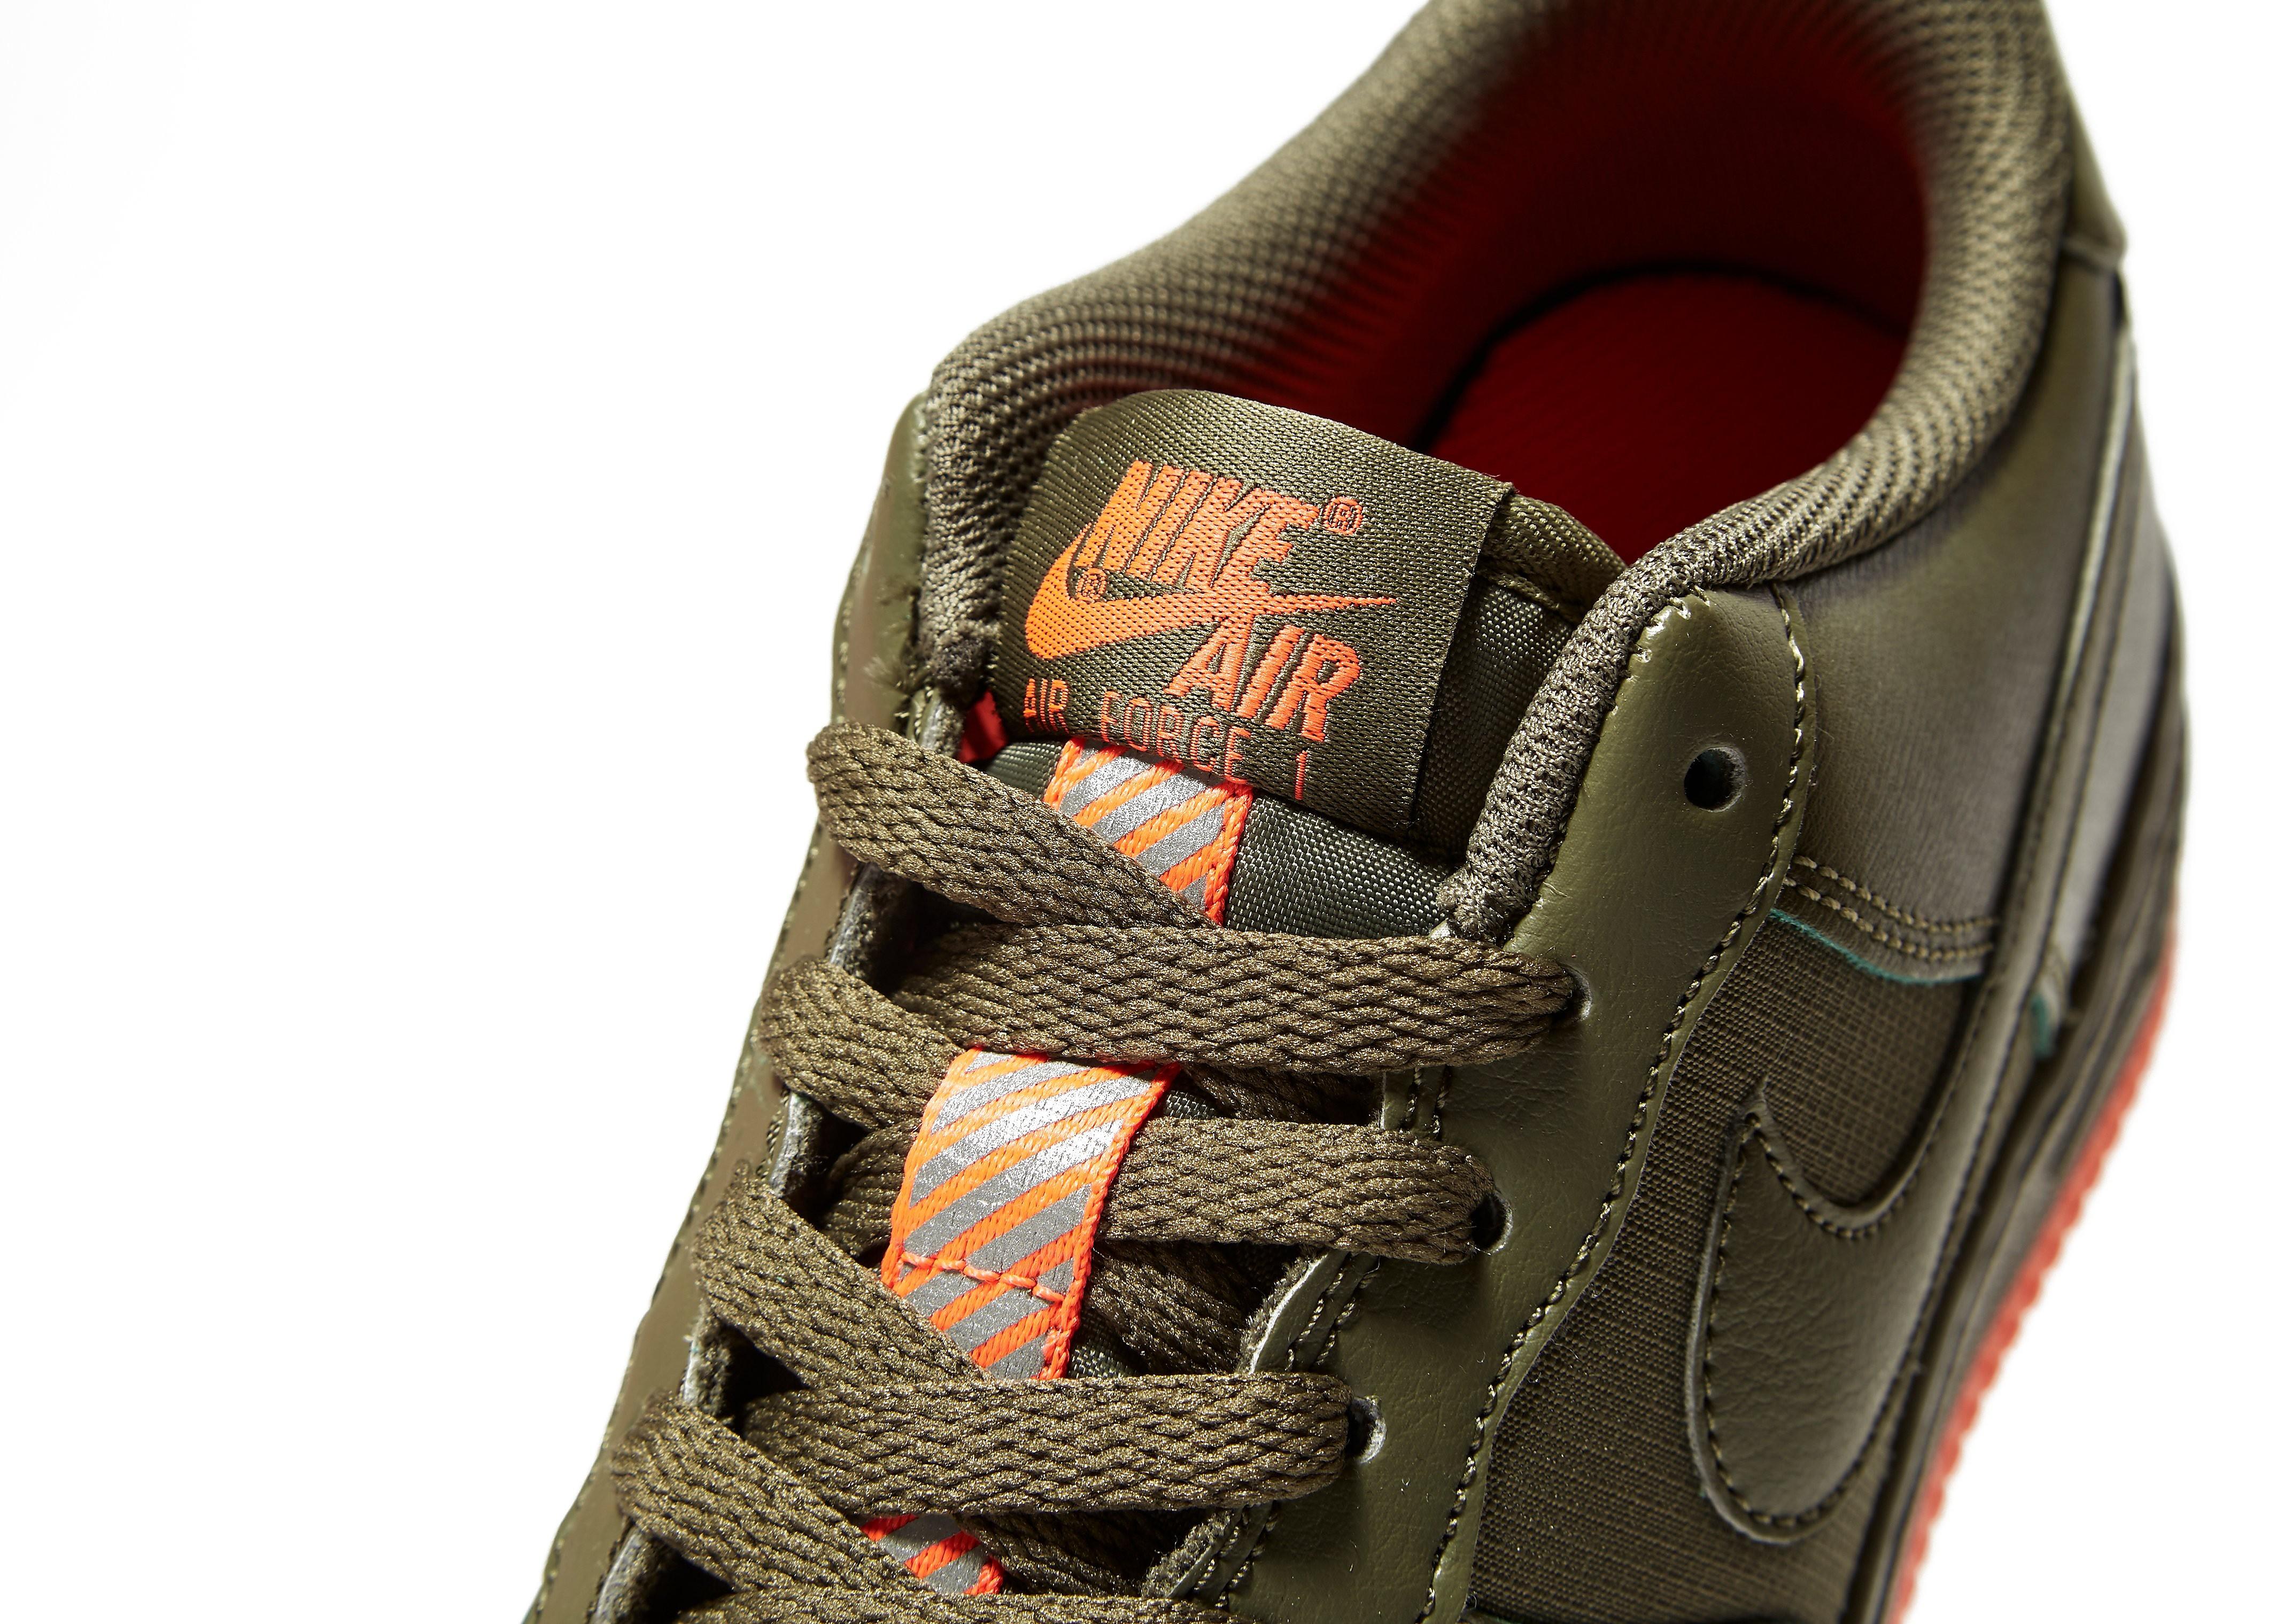 Nike Air Force 1 Low LV8 Junior